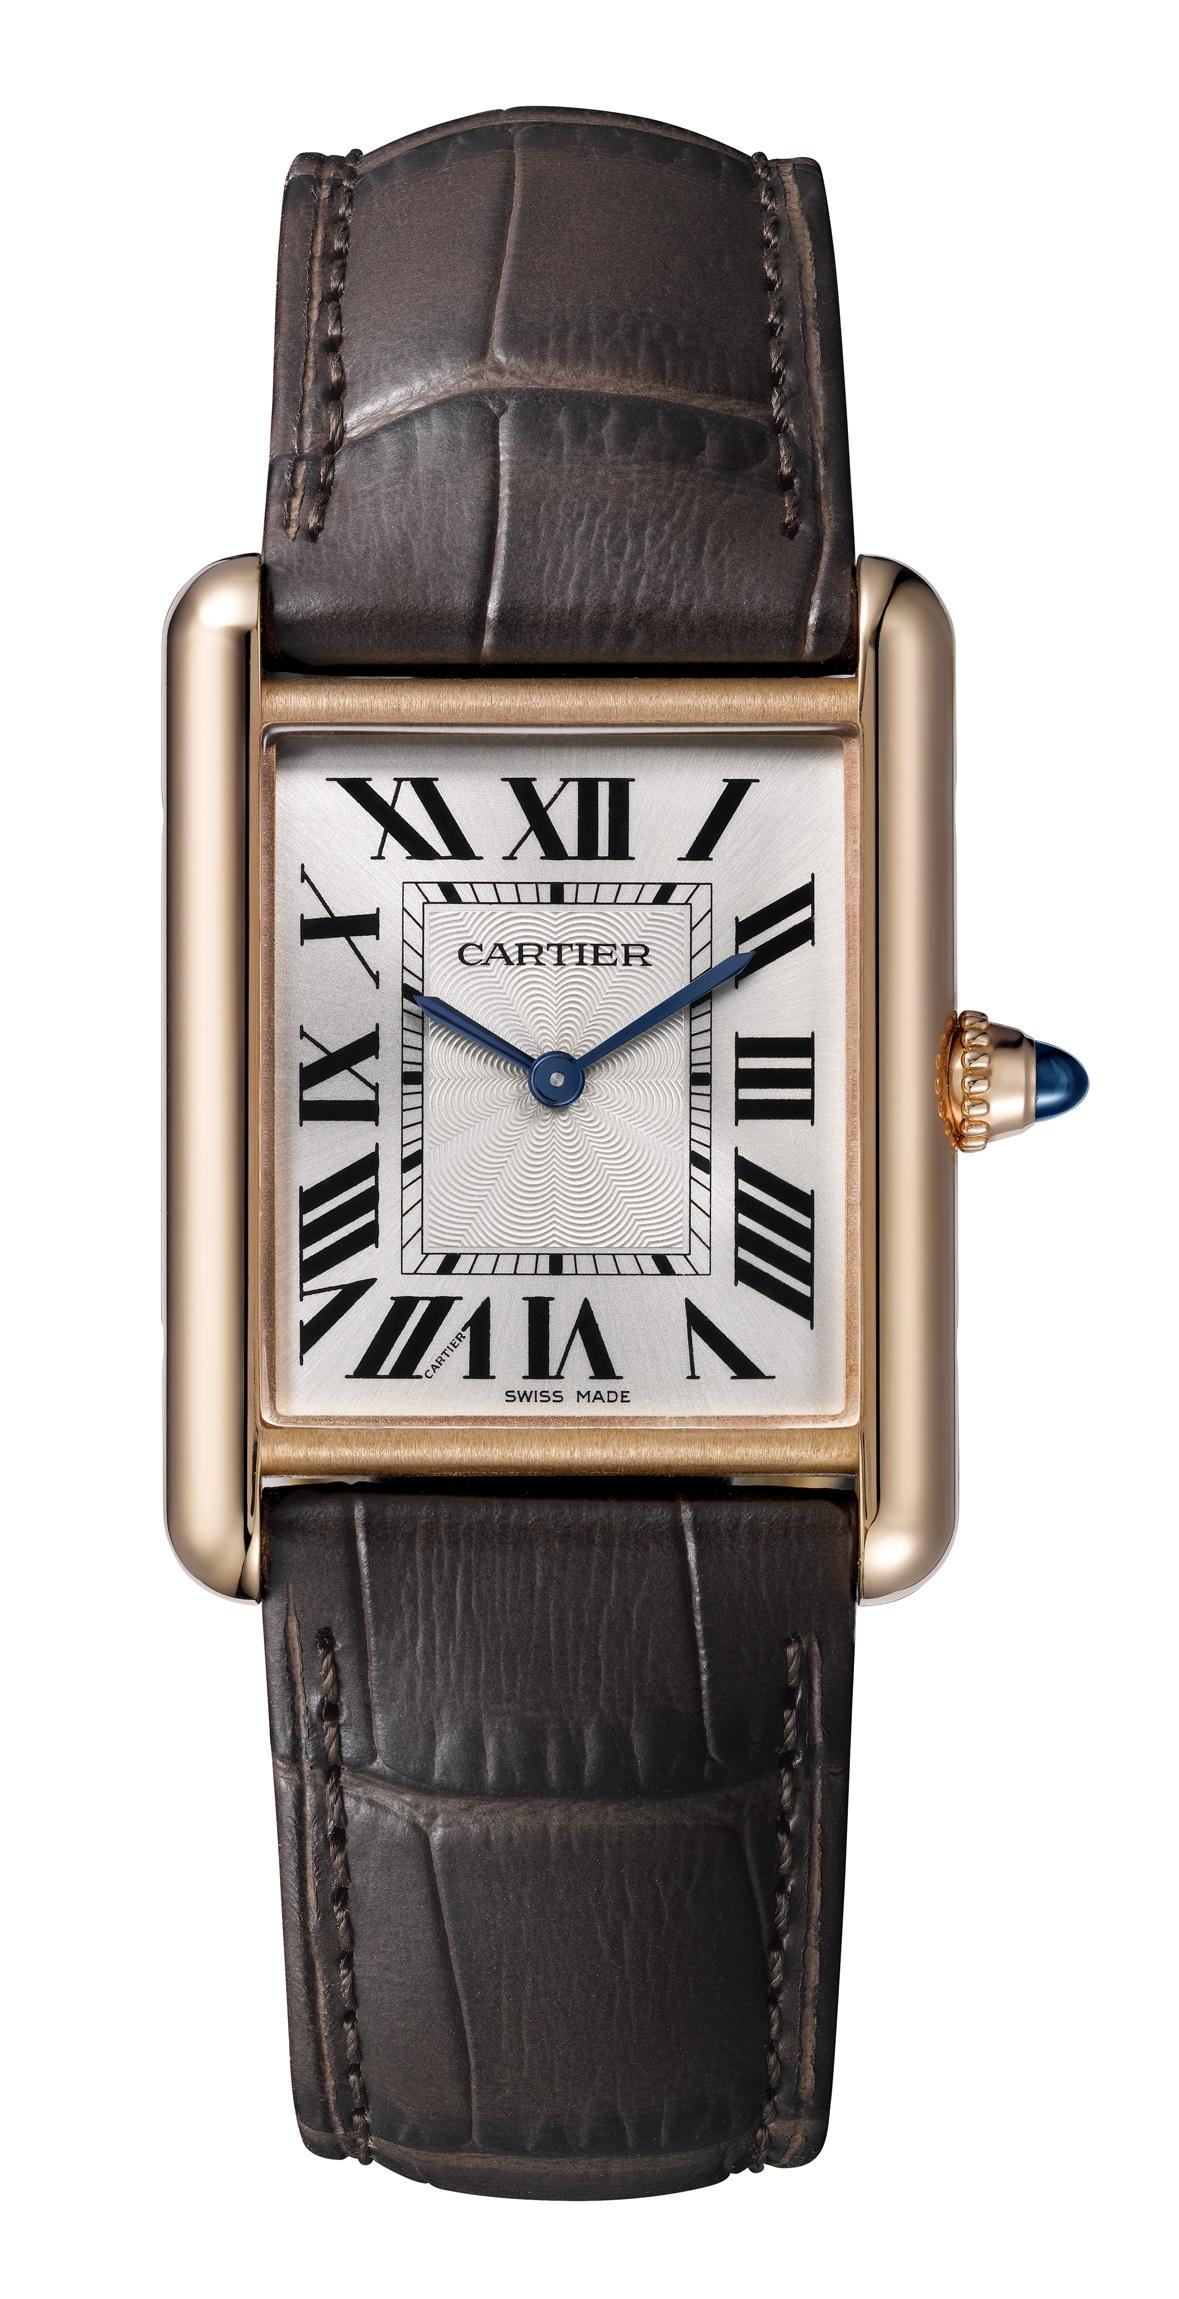 Clásico reloj en oro con correa en piel. (Suministrada)